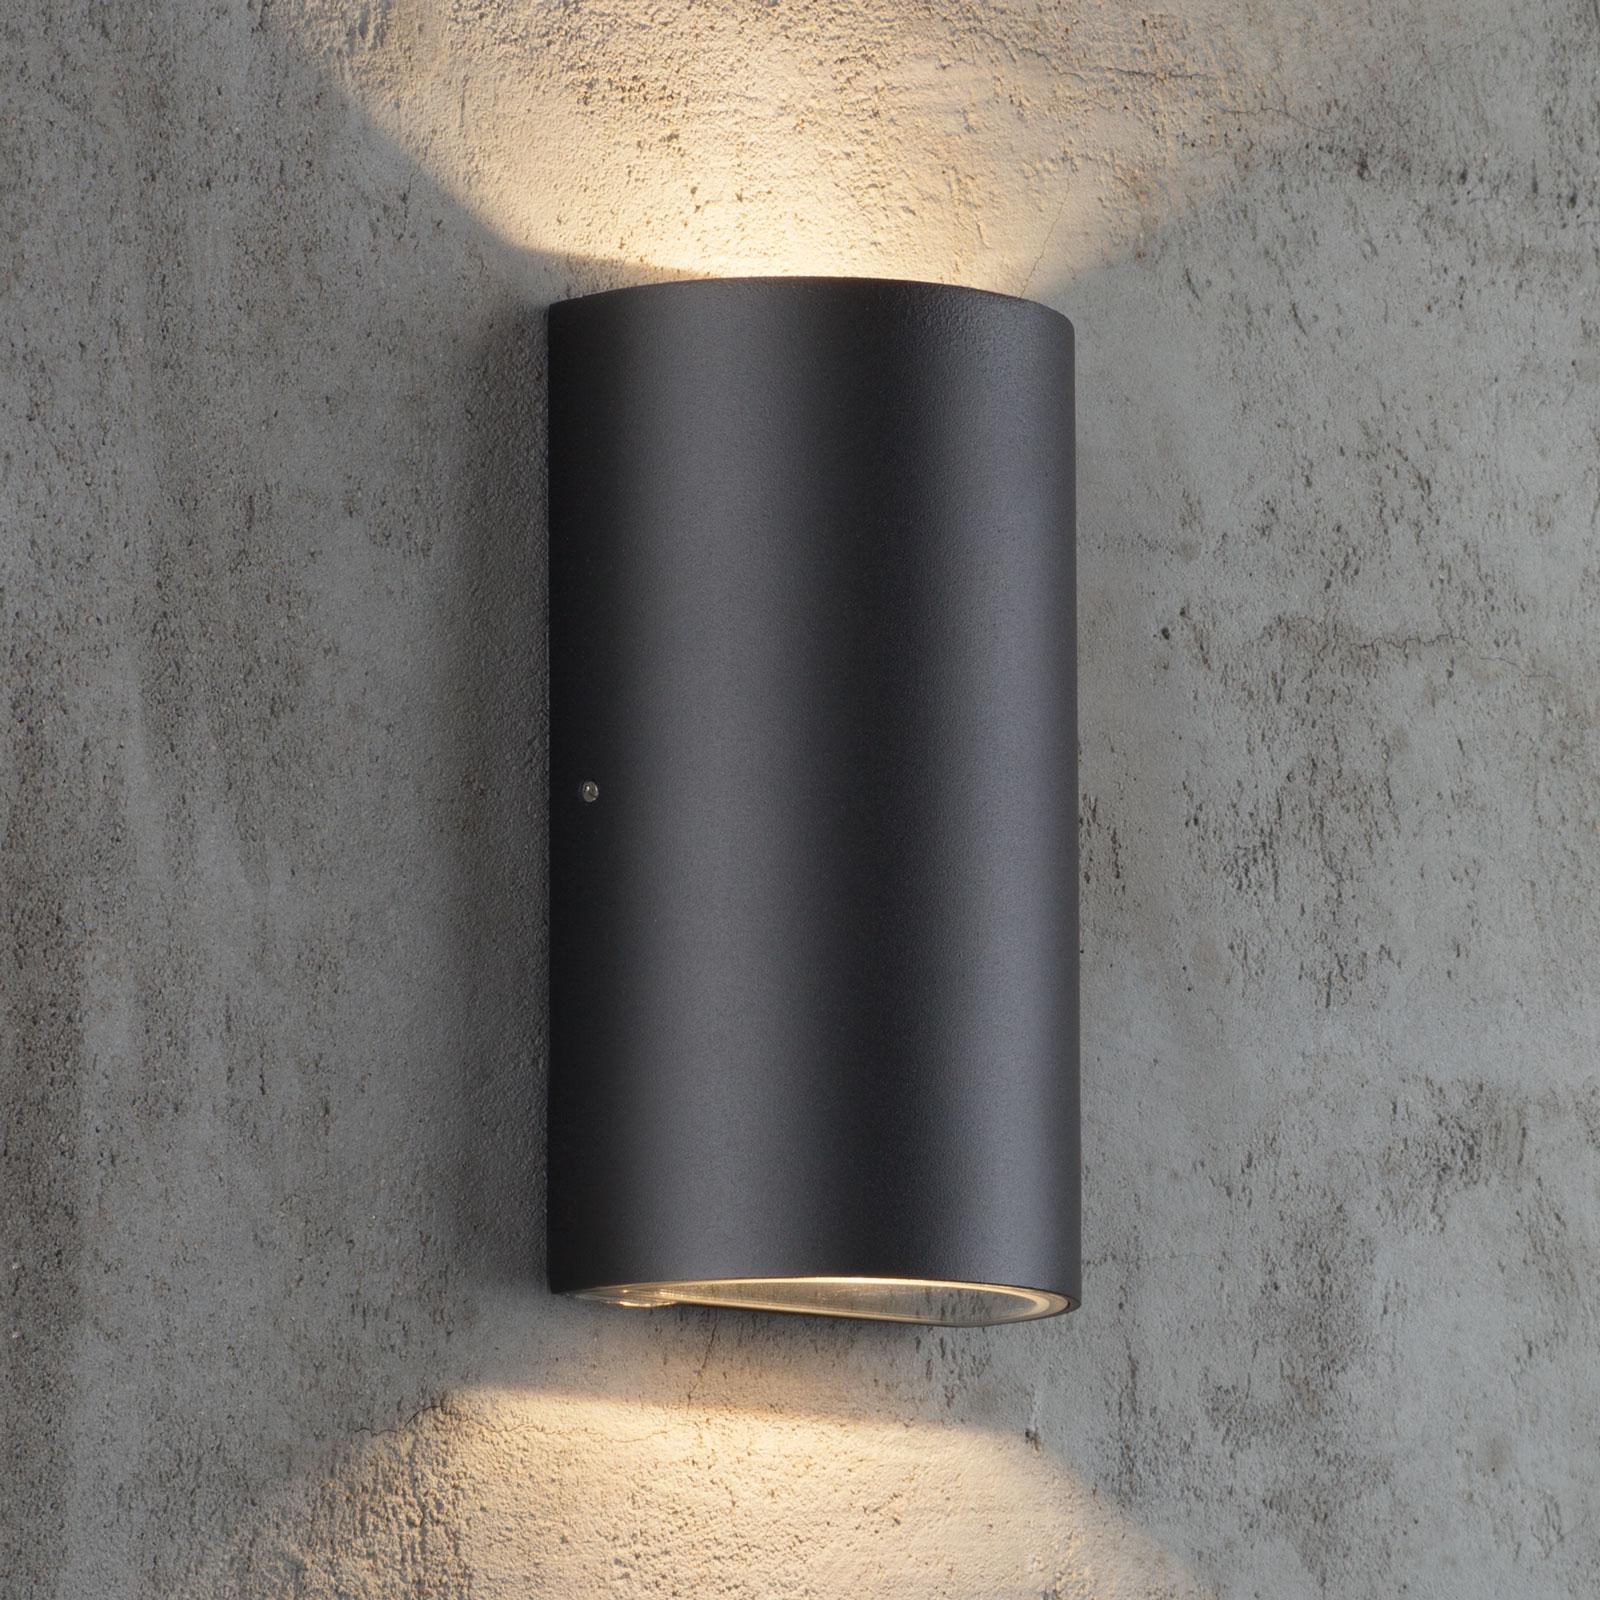 LED-ulkoseinävalaisin Rold, pyöreä